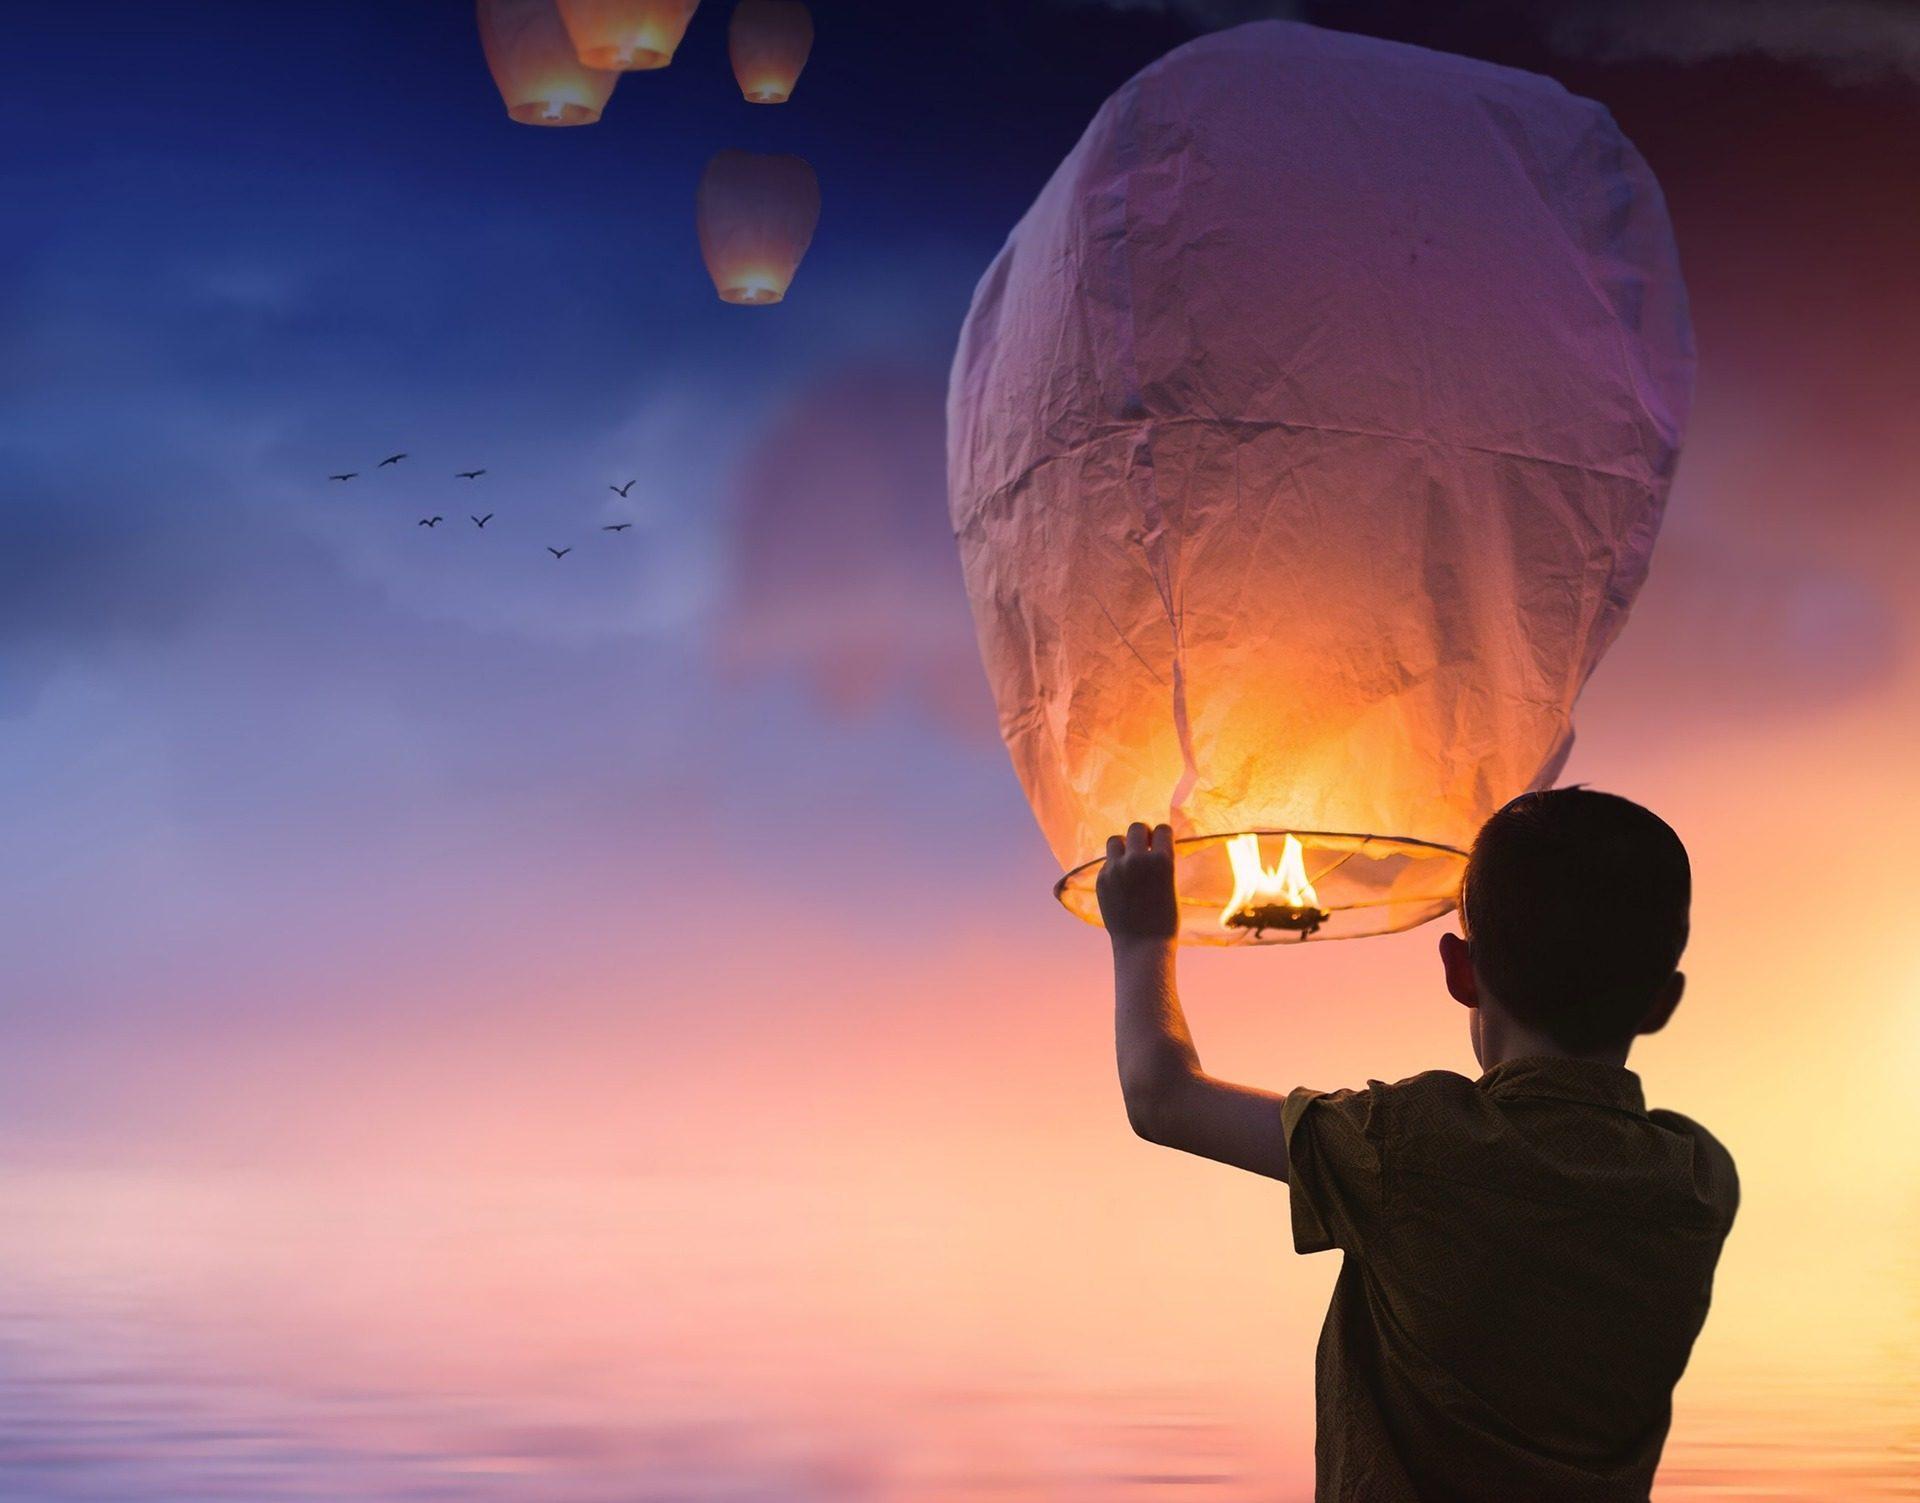 儿童, 蜡烛, 气球, 灯, 飞, 希望 - 高清壁纸 - 教授-falken.com